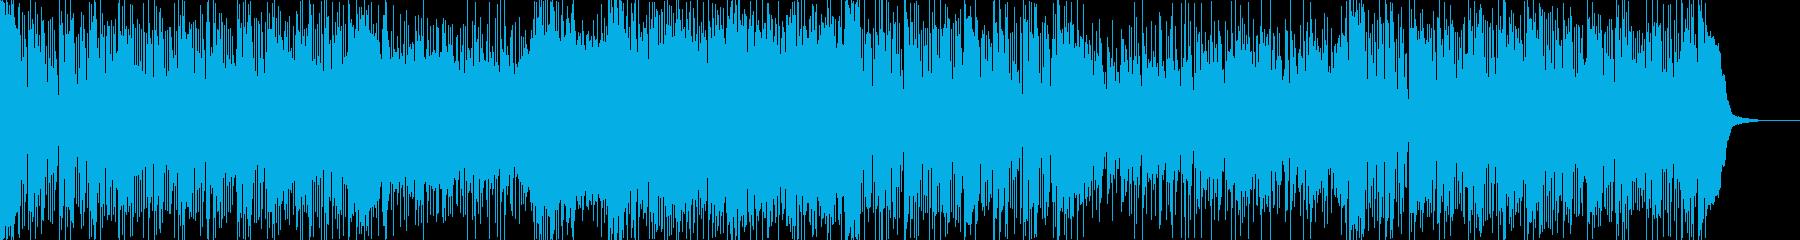 ちょっと速めのスウィングジャズの再生済みの波形